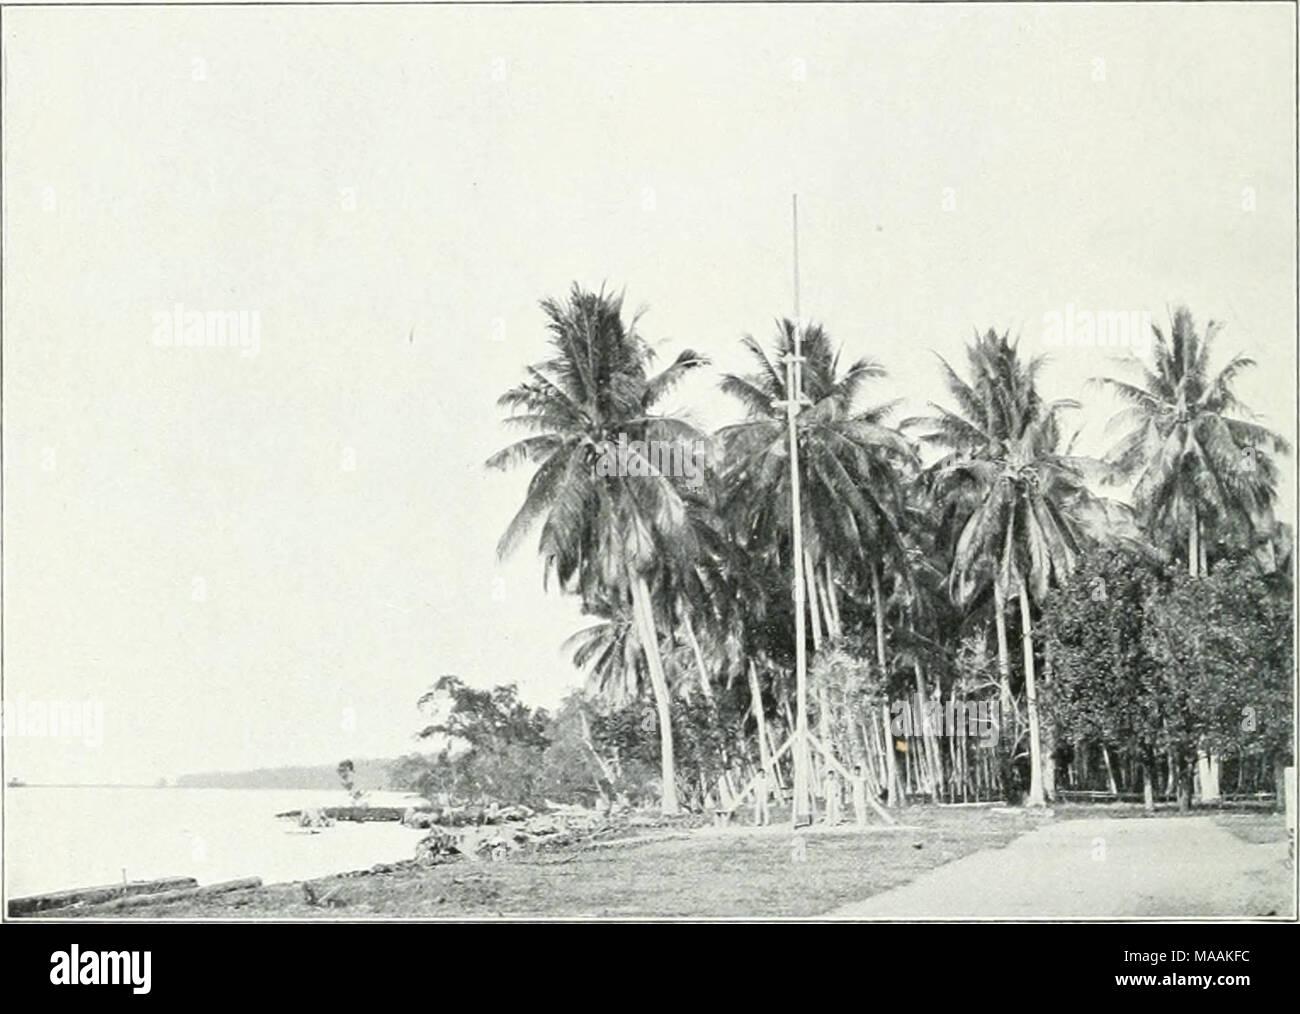 . Dr. K.W. van Gorkom's Oost-Indische cultures. Opnieuw uitg. onder redactie van H.C. Prinsen Geerligs. [Door J.P. van der Stock et al.] . Fig. 248. Klappcraanijlant op Talisse. ondernemingen met 22430 en 2469, samen 24899 bouws, waarvan 7217 in productie, gelegen voornamelijk in Sumatra's Oostkust, Atjeh, Riouw en Menado. Wat dit alles beteekent tegenover de inlandsche cultuur moge blijken uit het volgende. Stel dat op lederen bouw 70 voldragende palmen stonden, die ieder 60 noten per jaar leverden, terwijl uit 5000 noten i ton copra verkregen wordt, dan zou van deze 36000 bouws in geheel Ind - Stock Image